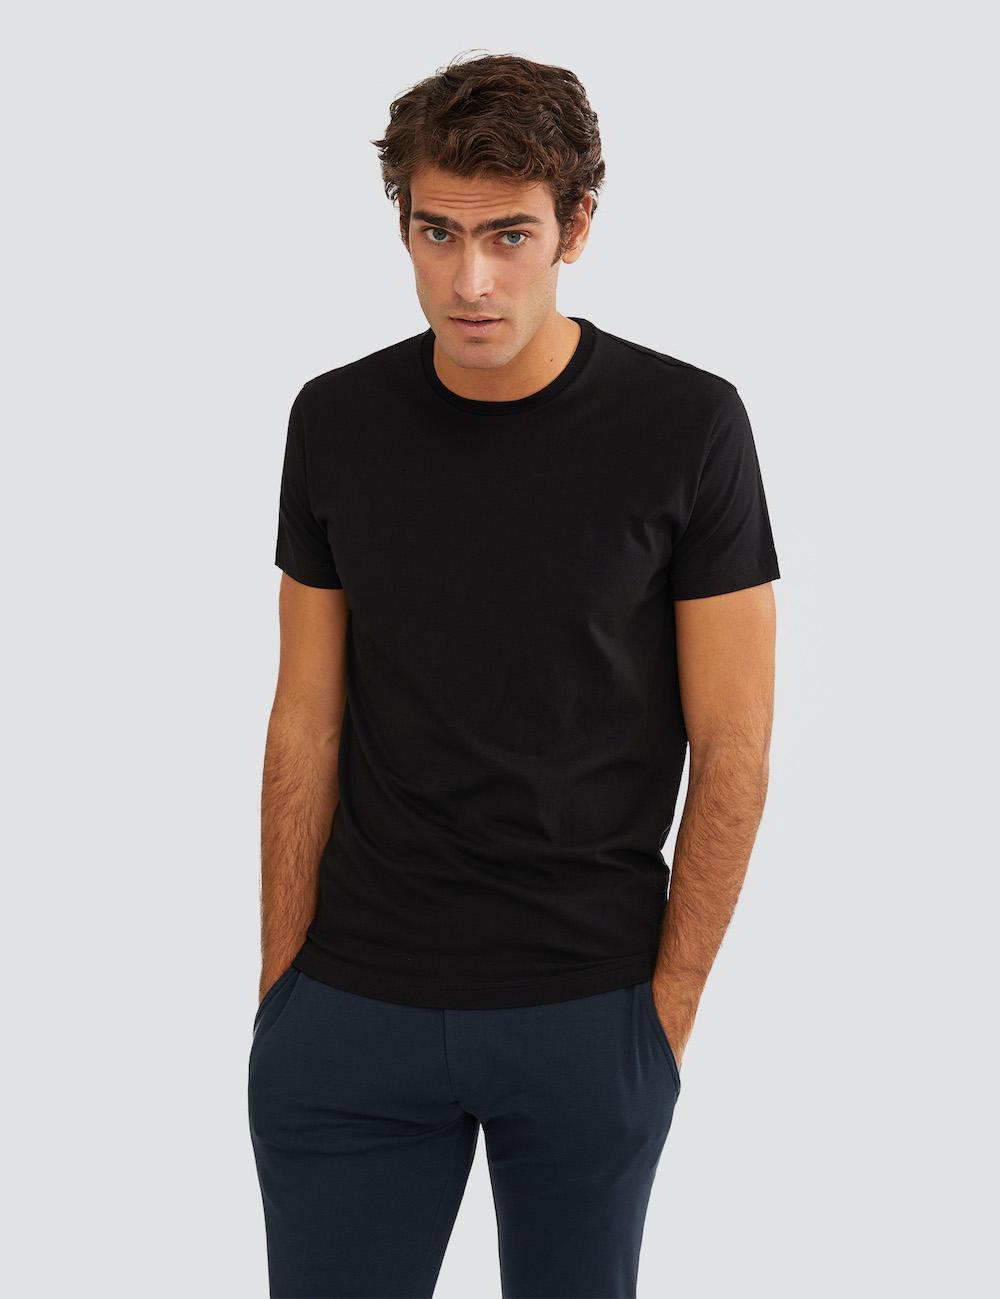 Stefan Brandt T-Shirt Modepilot